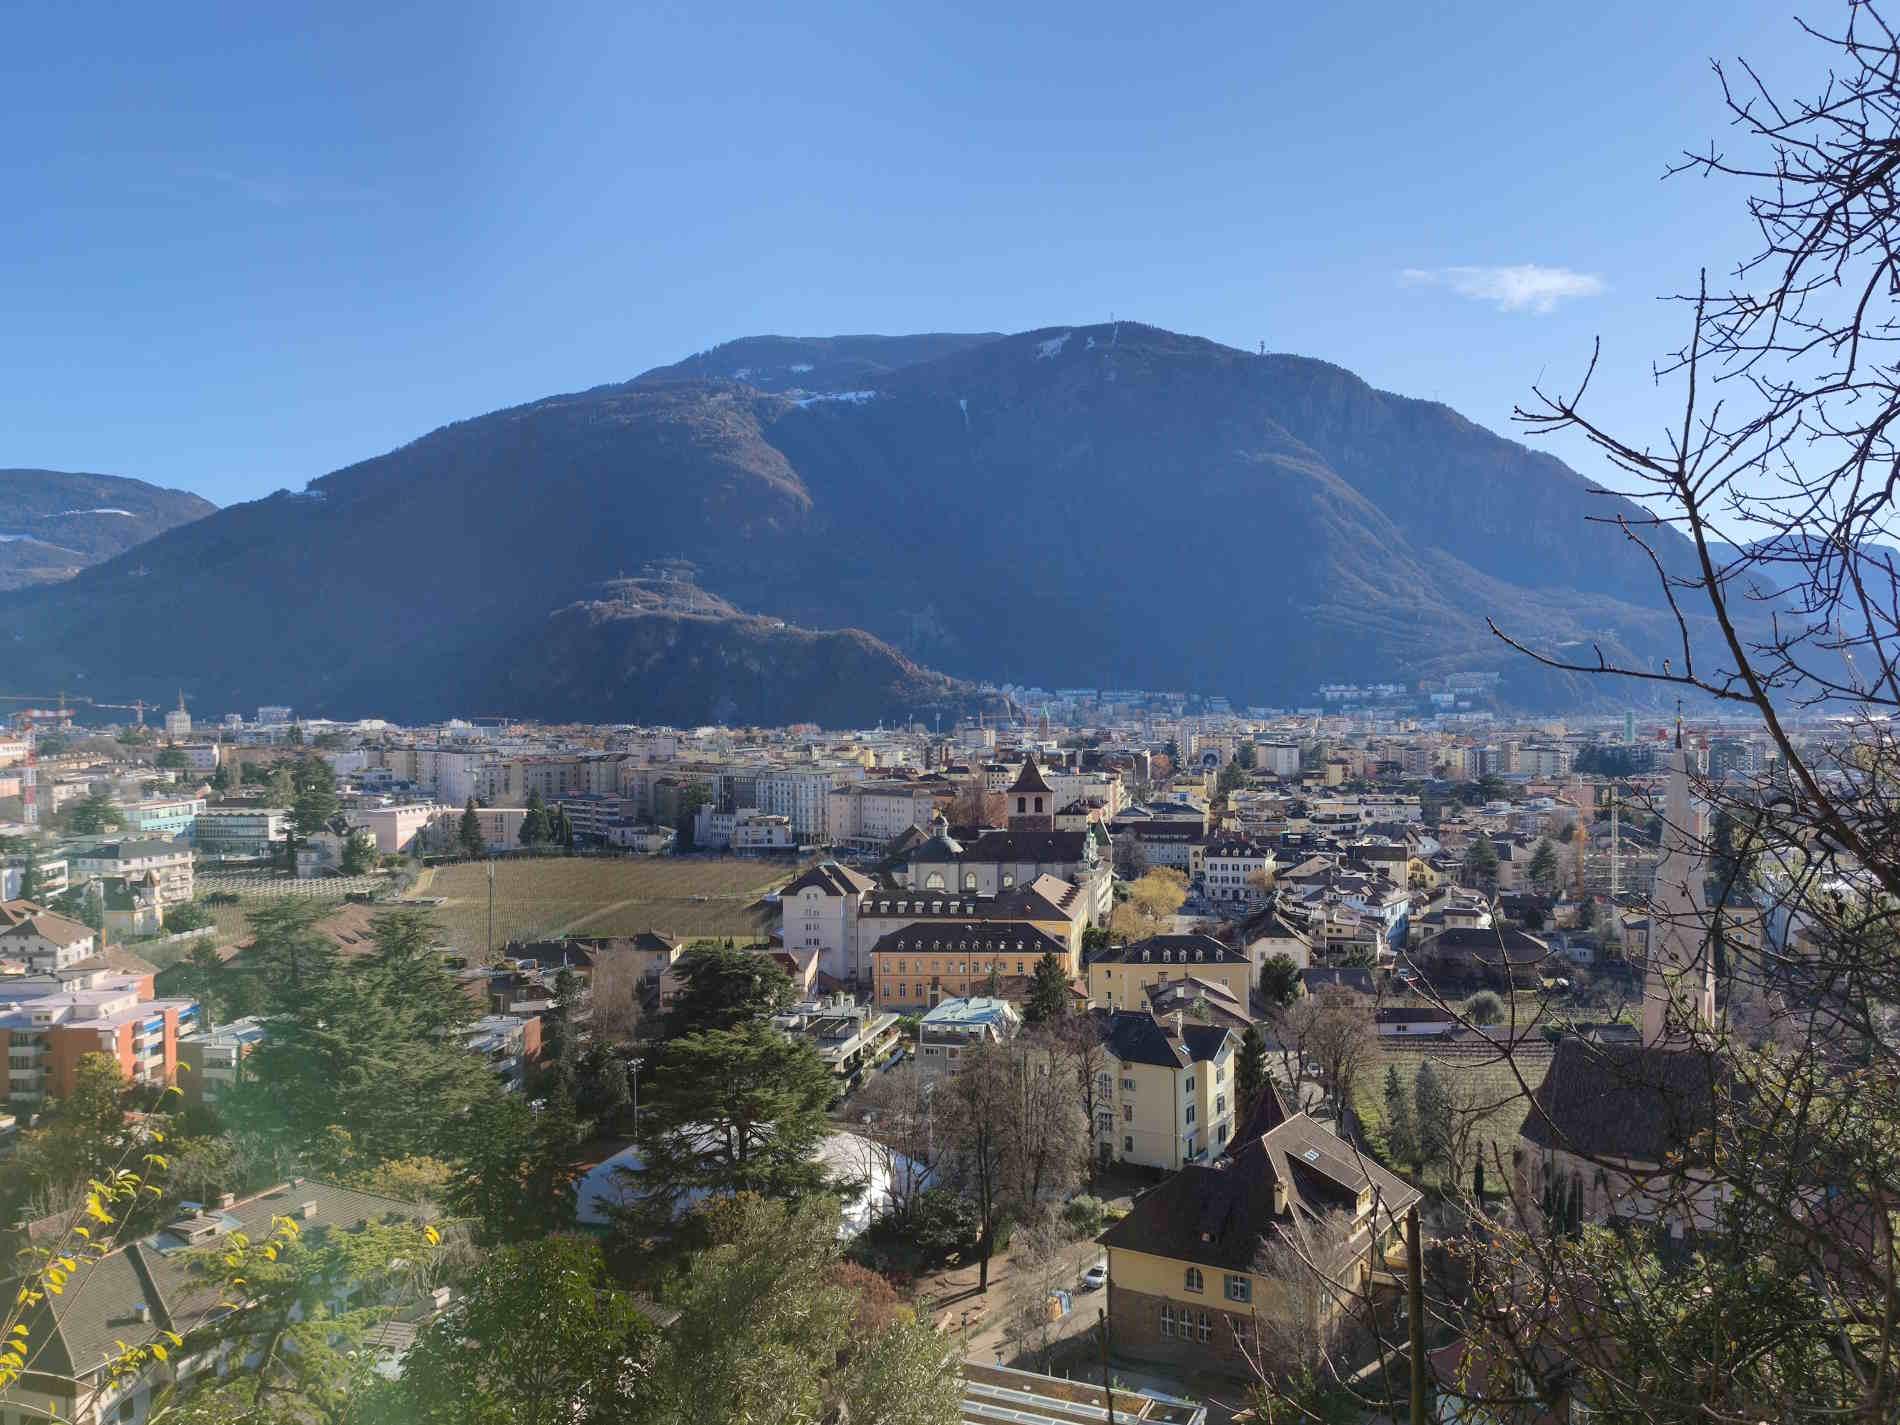 Panorama su Bolzano dalla passeggiata lungo il Guncina a Bolzano, Italia, Alto Adige